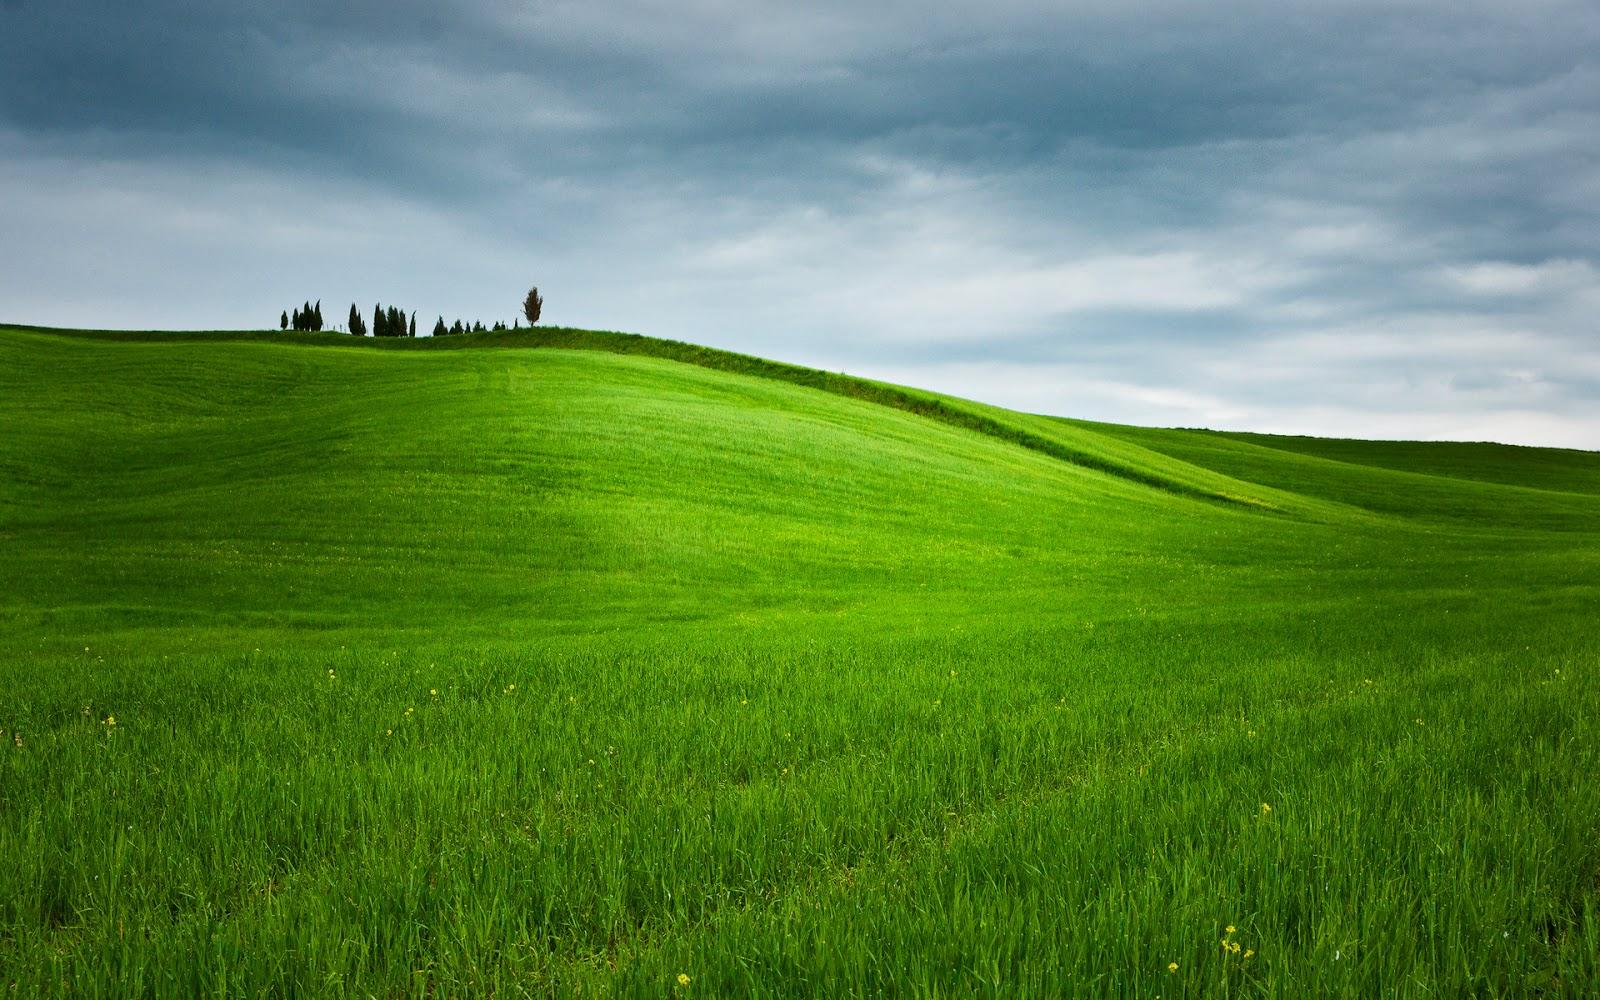 landscape nature hd desktop wallpapers 19202151080 for